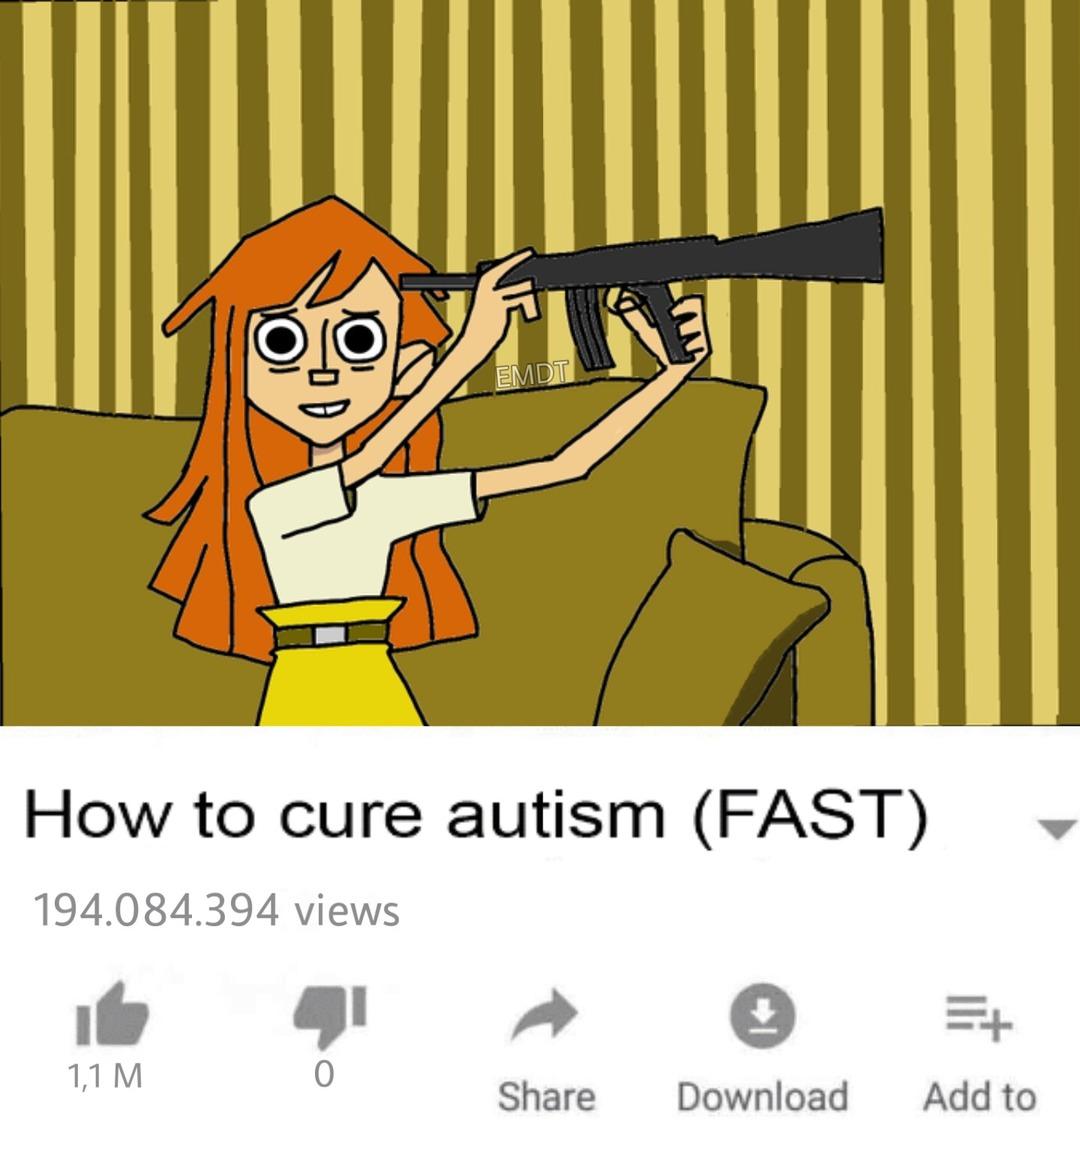 como curar el autismo de manera rapida - meme